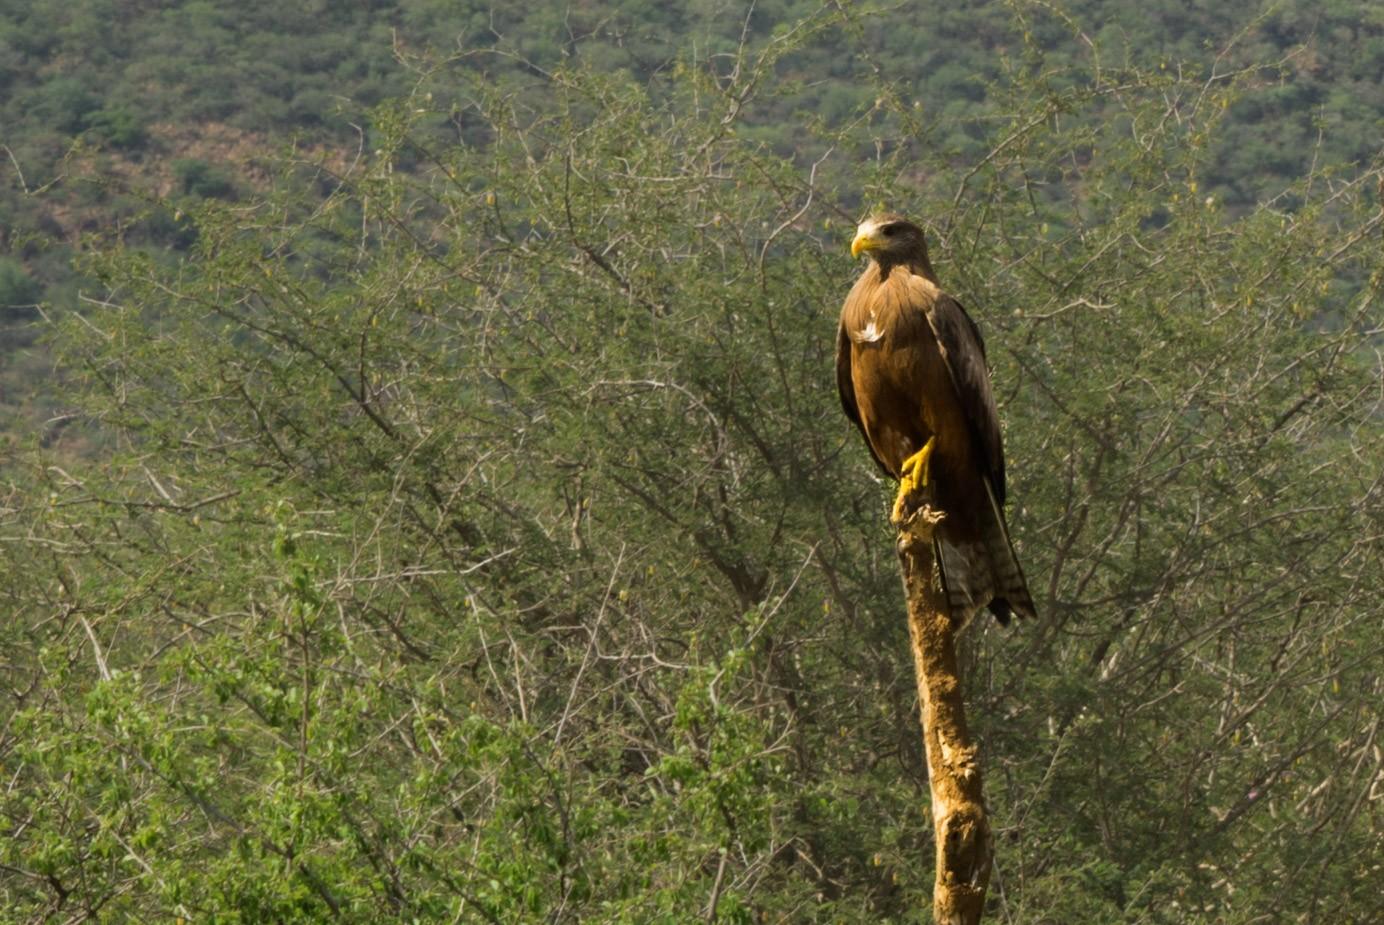 south africa madikwe safari pescart eagle